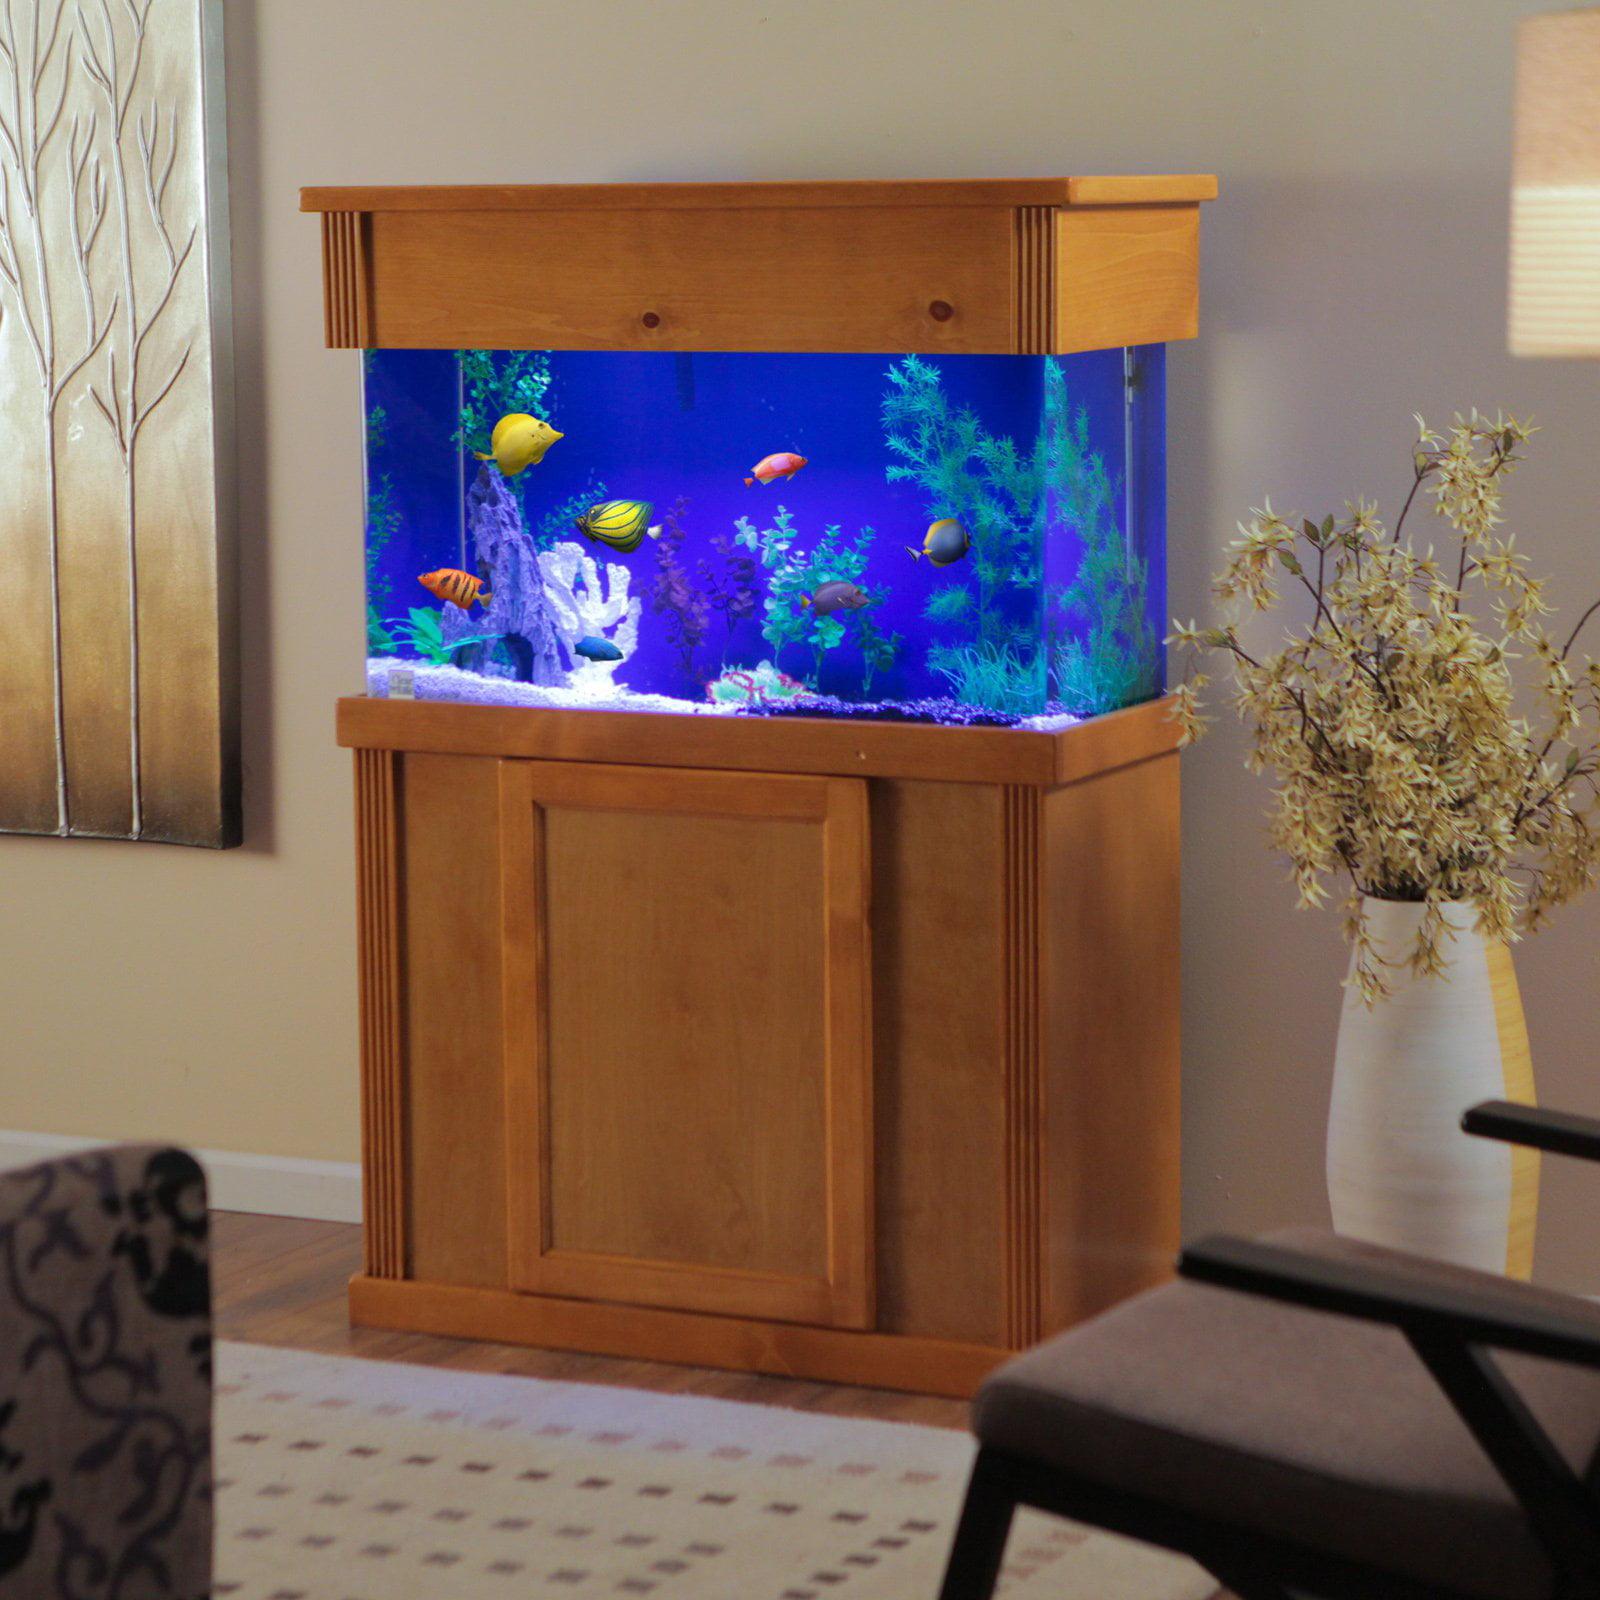 & Clear For Life Rectangle Aquarium - Walmart.com